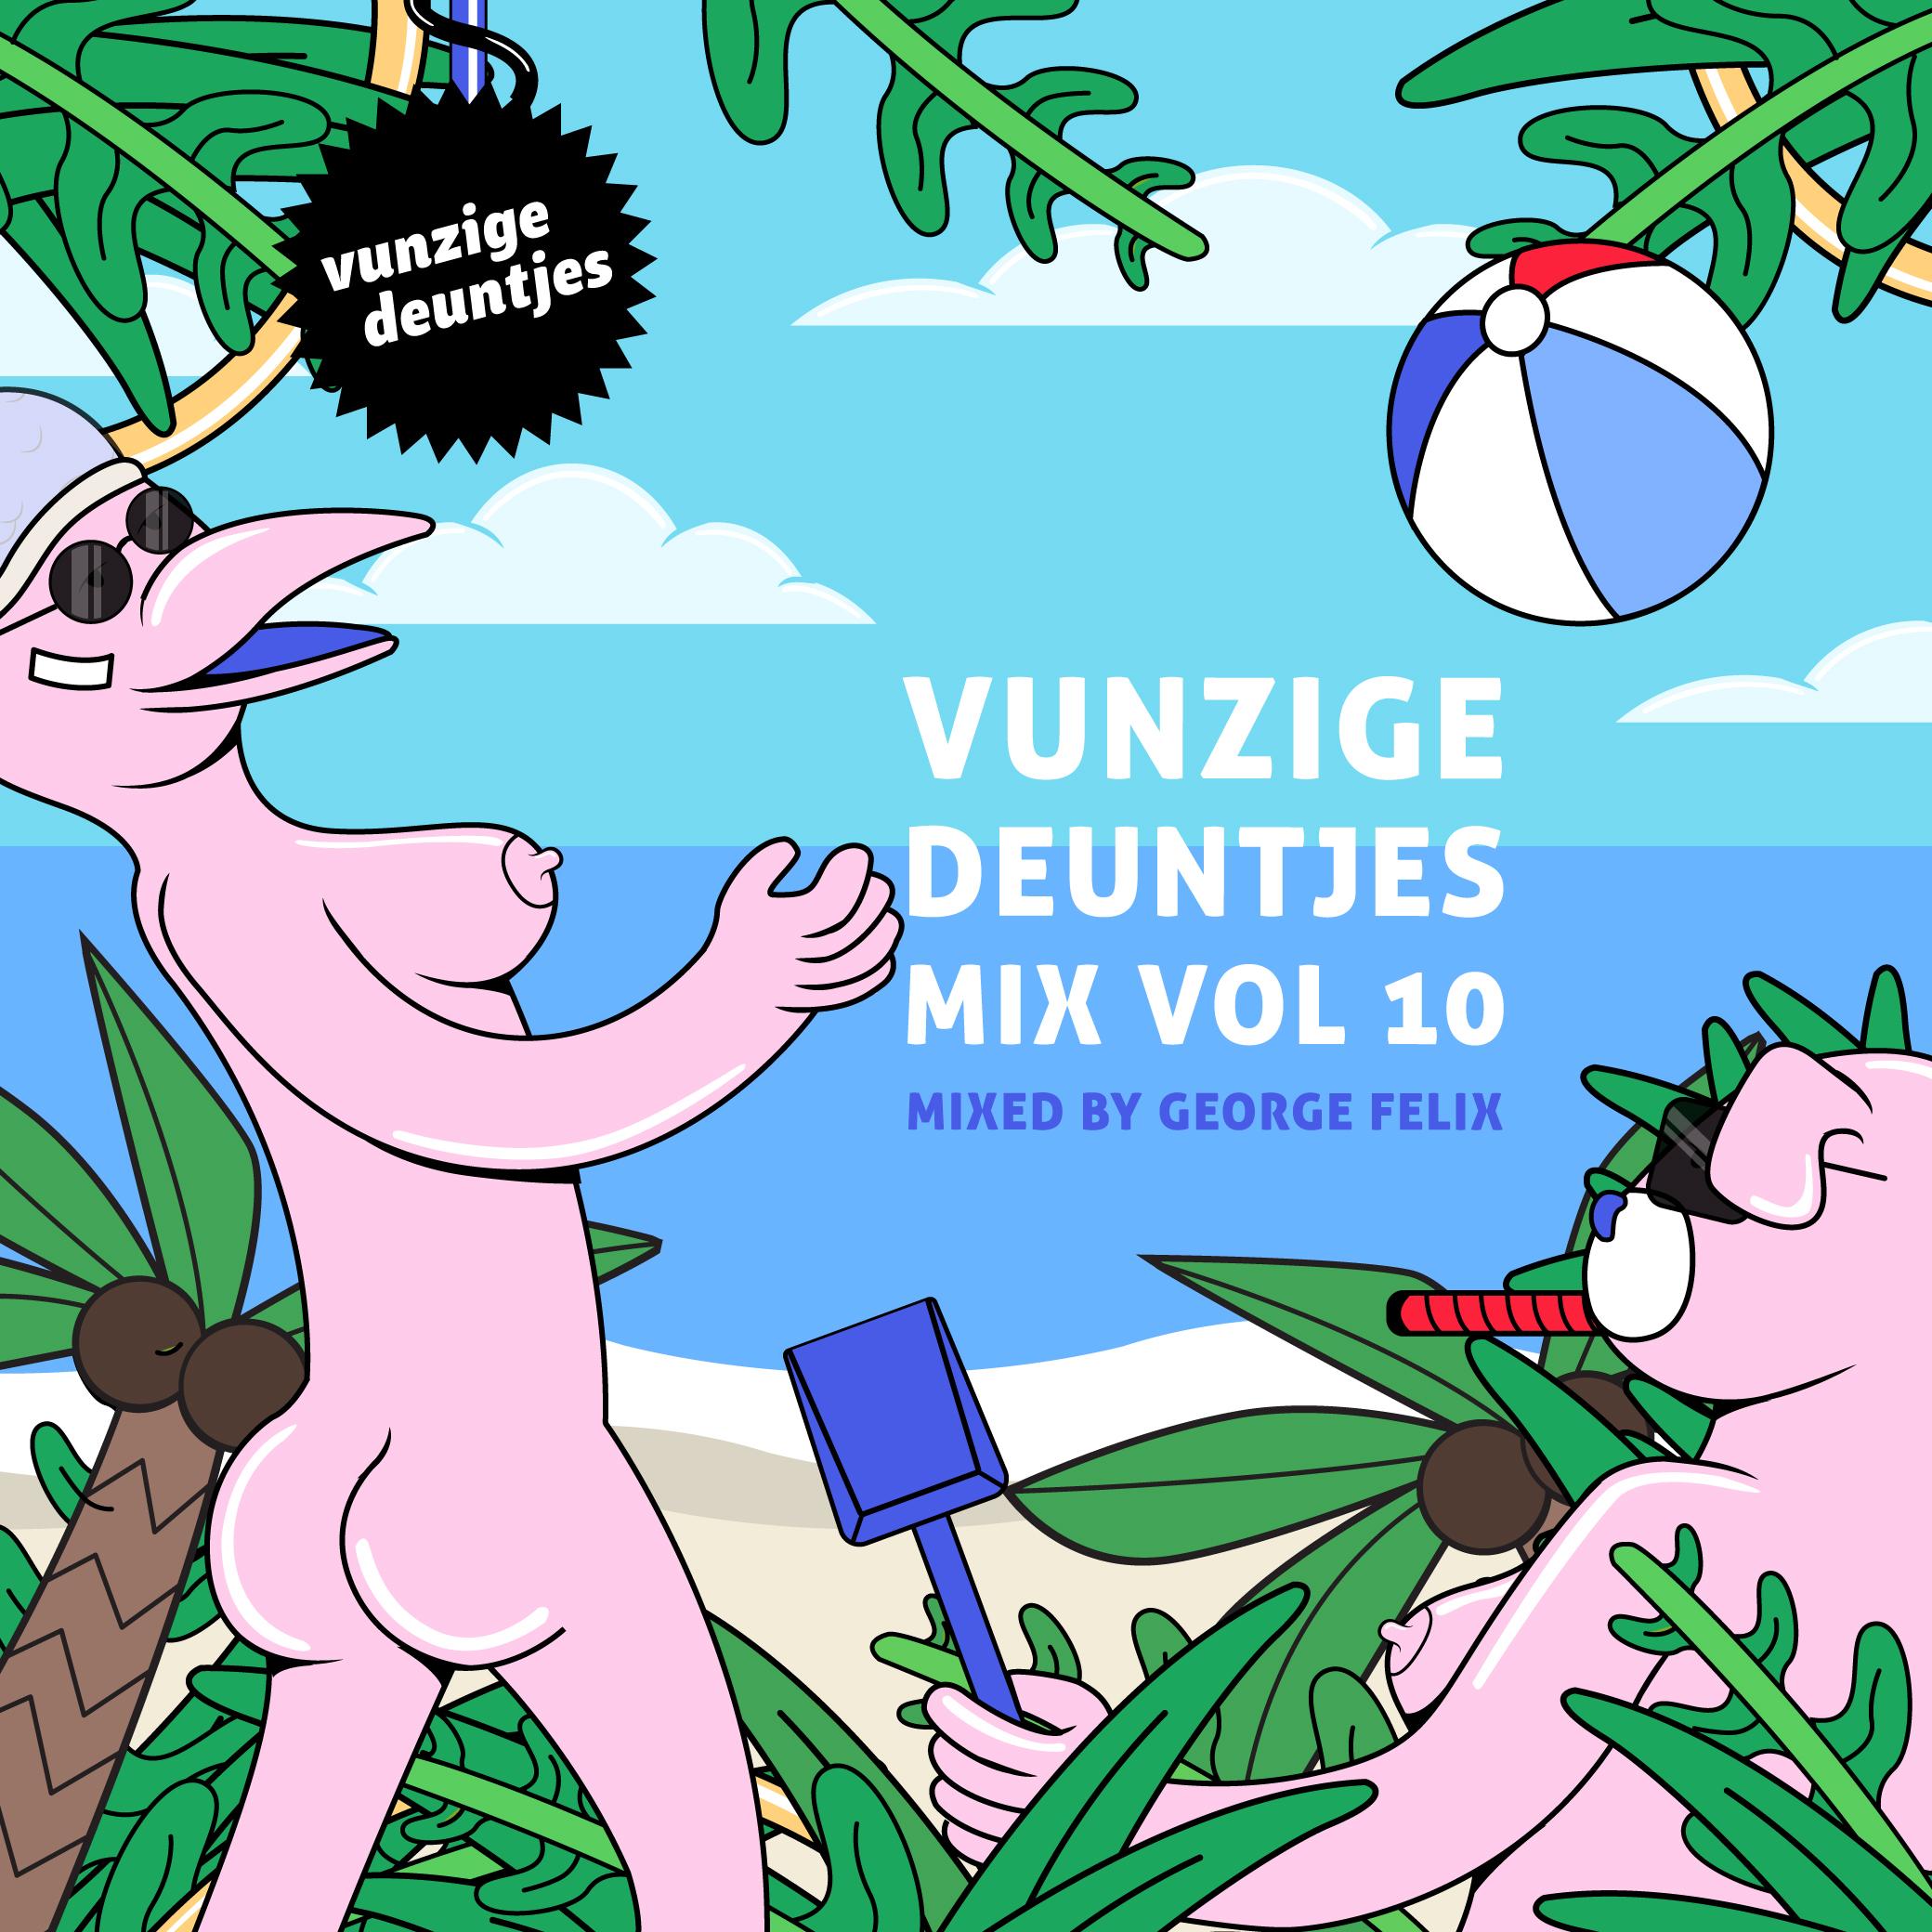 Vunzig_Versie_mixtape-10